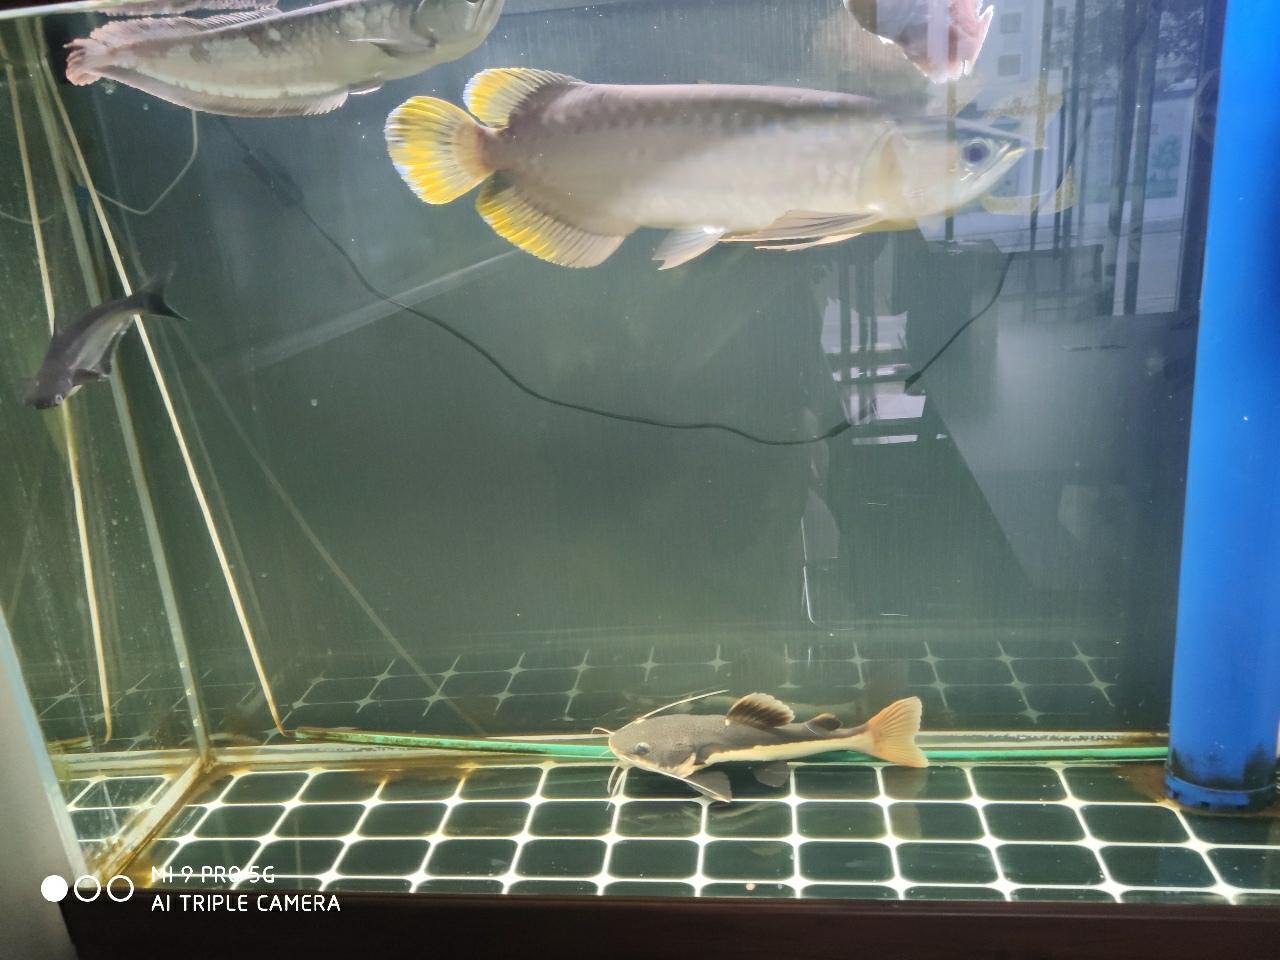 由于事务繁忙,无暇顾及自己养的一缸鱼